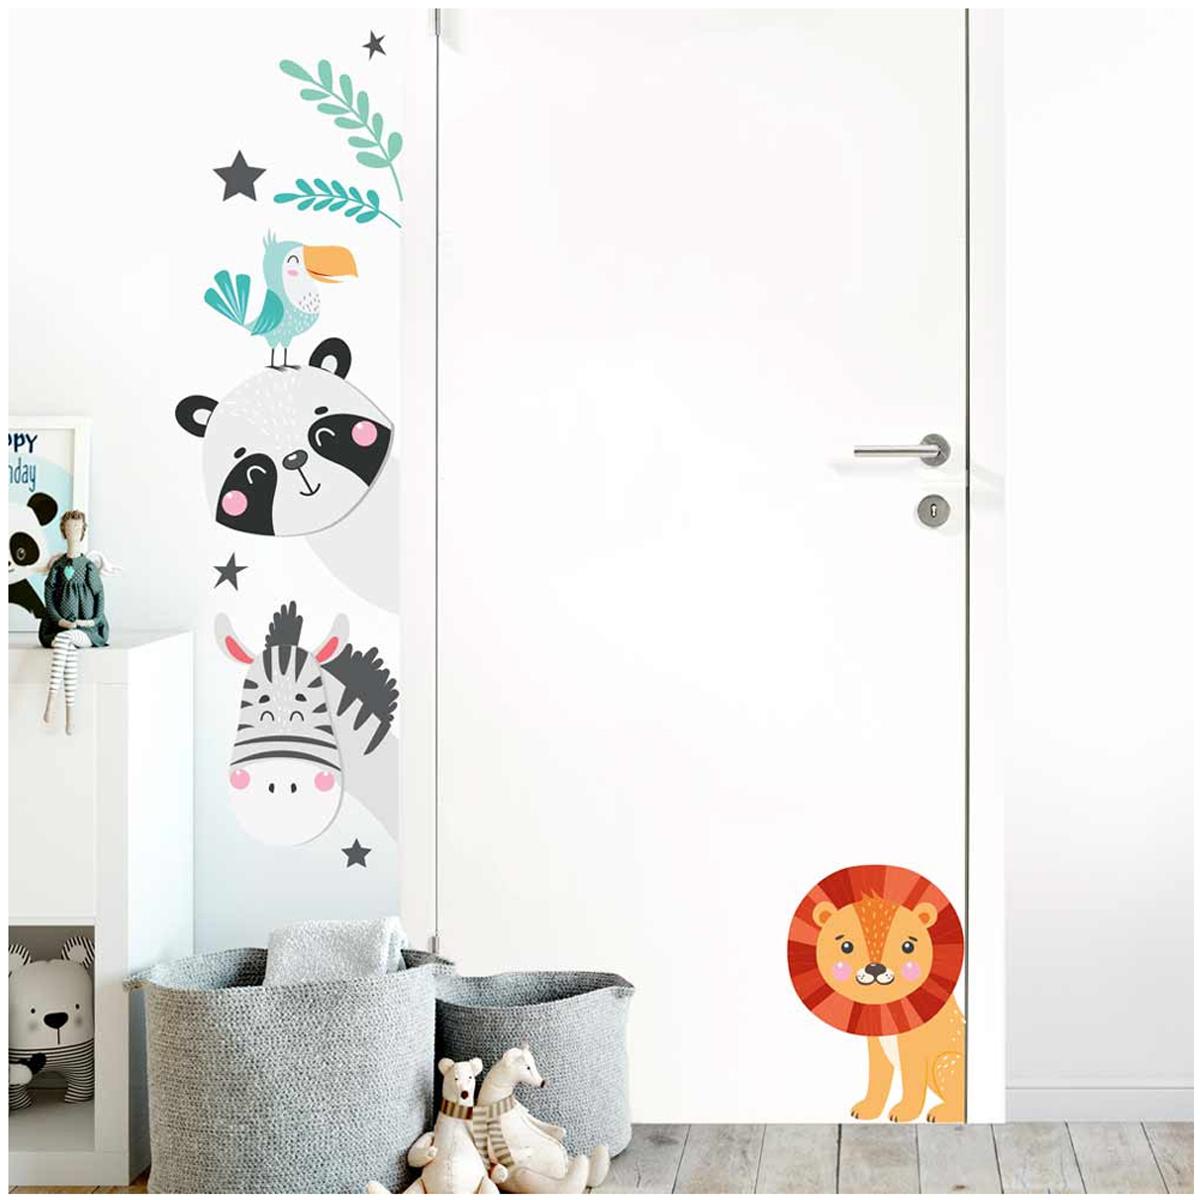 Planche de stickers \'Animaux\' multicolore - 50x70 cm - [Q8301]